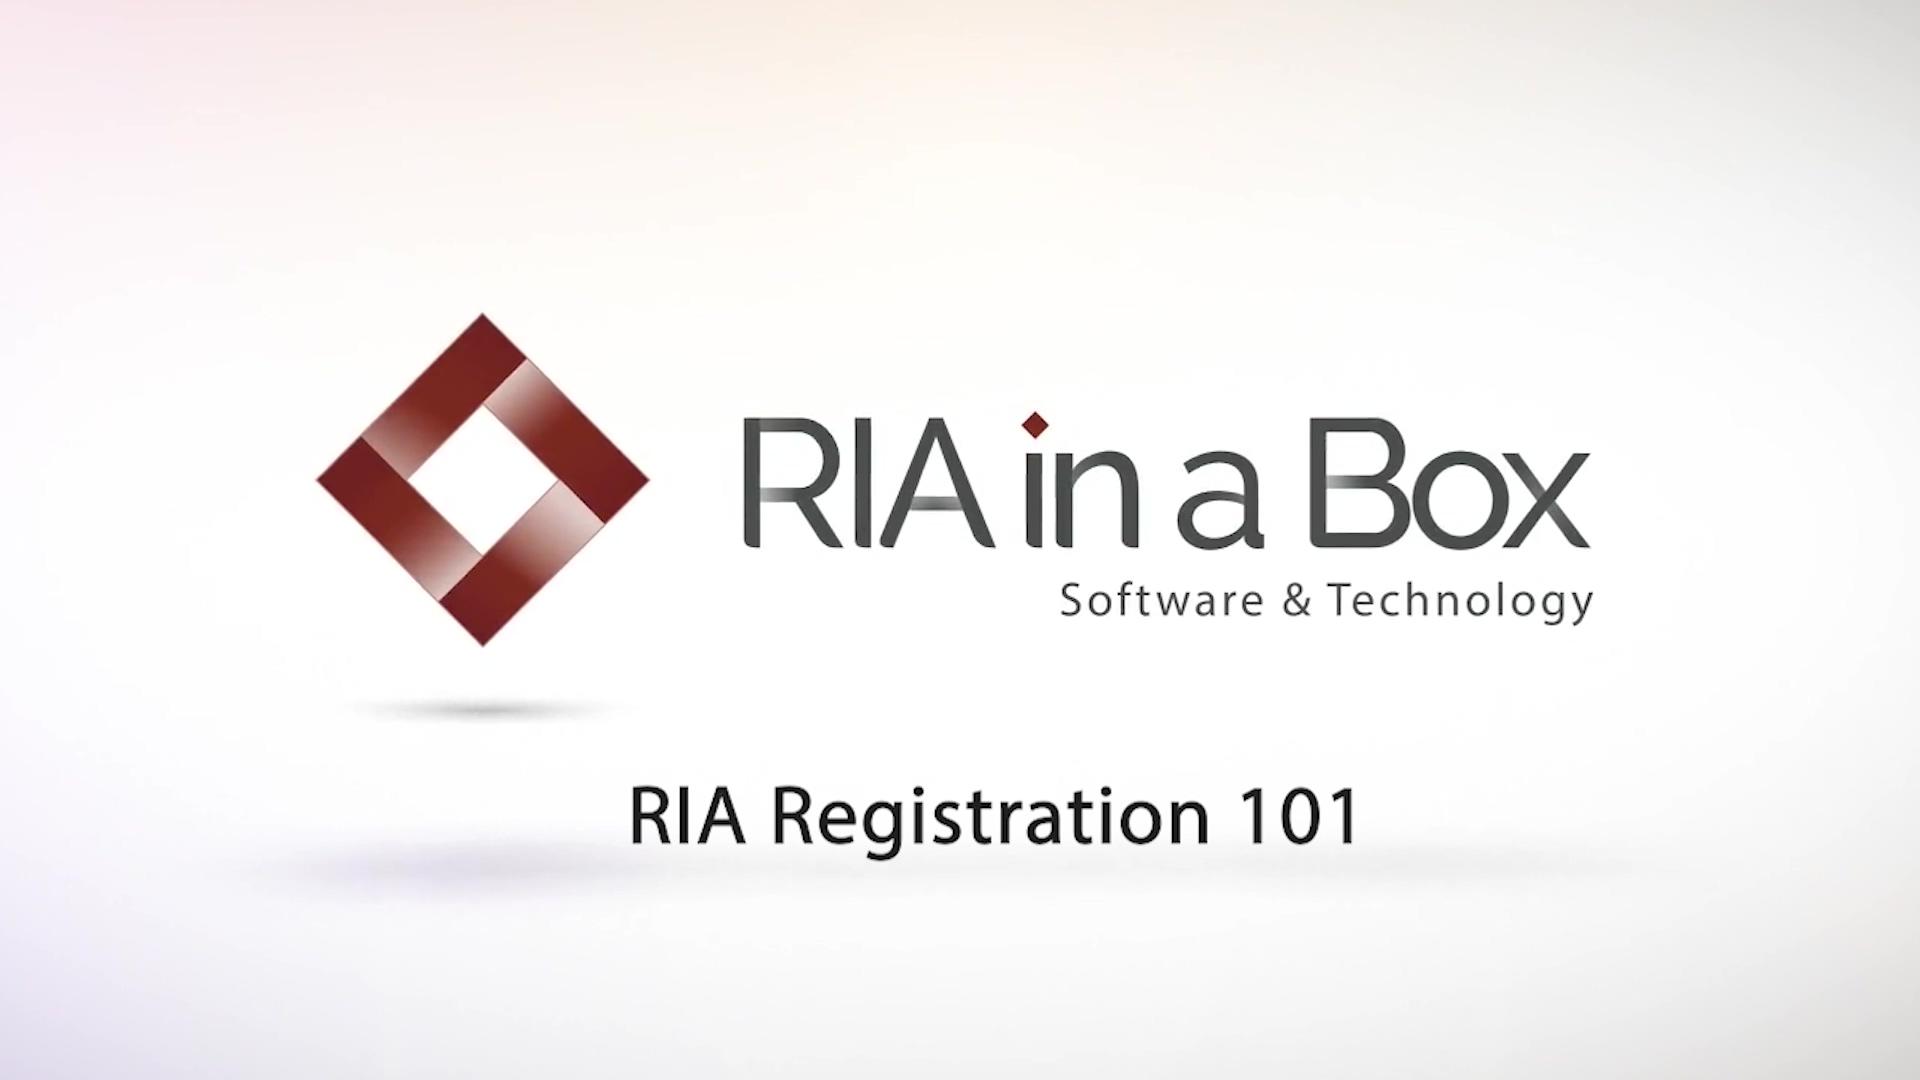 RIA Registration 101